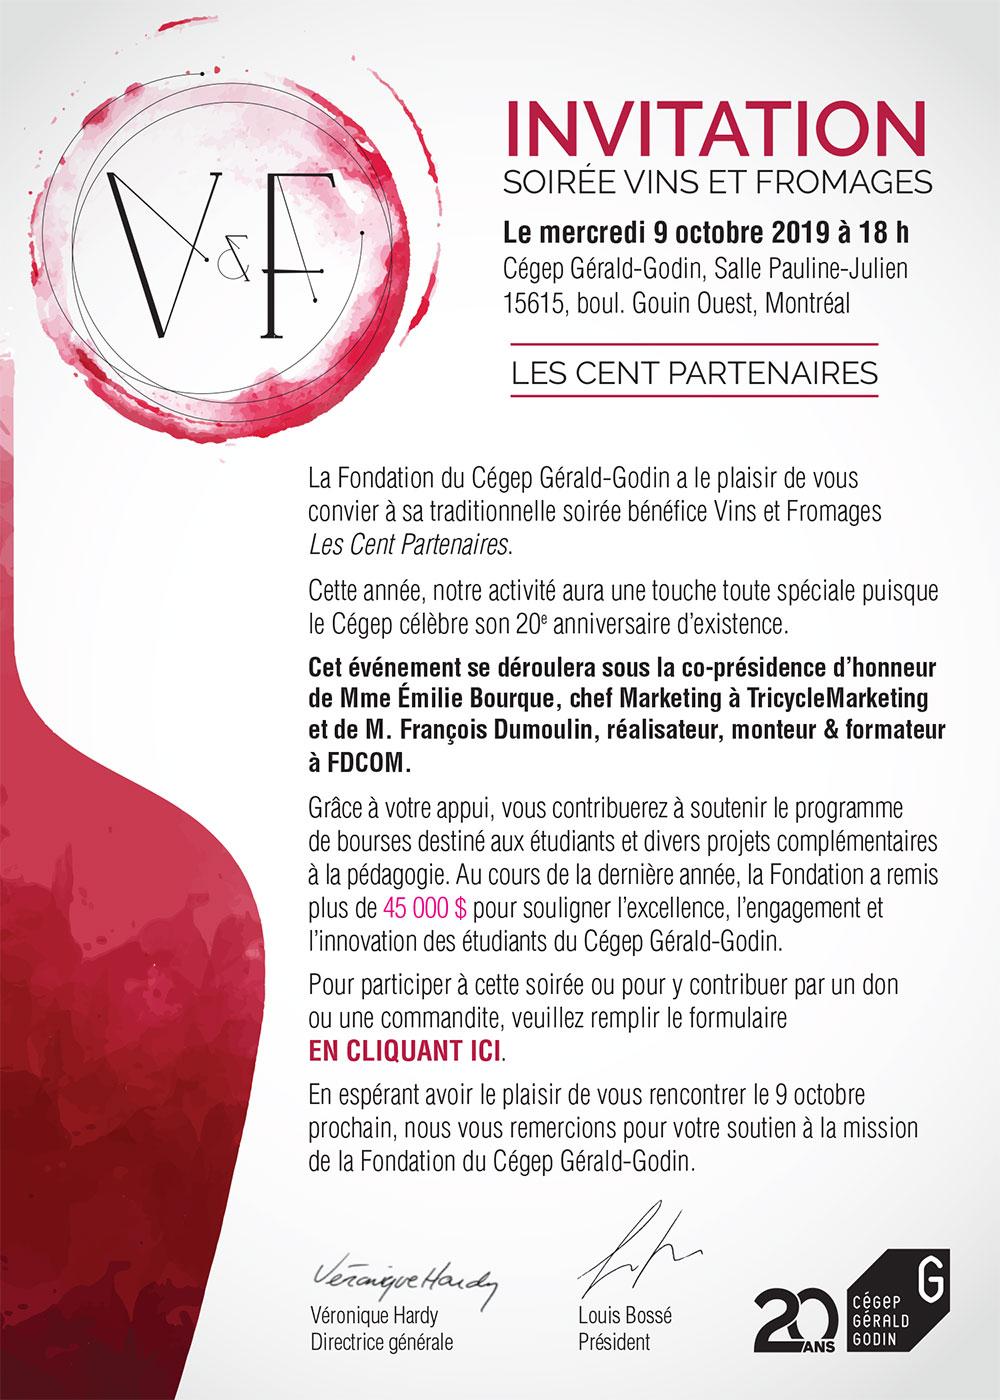 Invitation soirée vin et fromage 2019